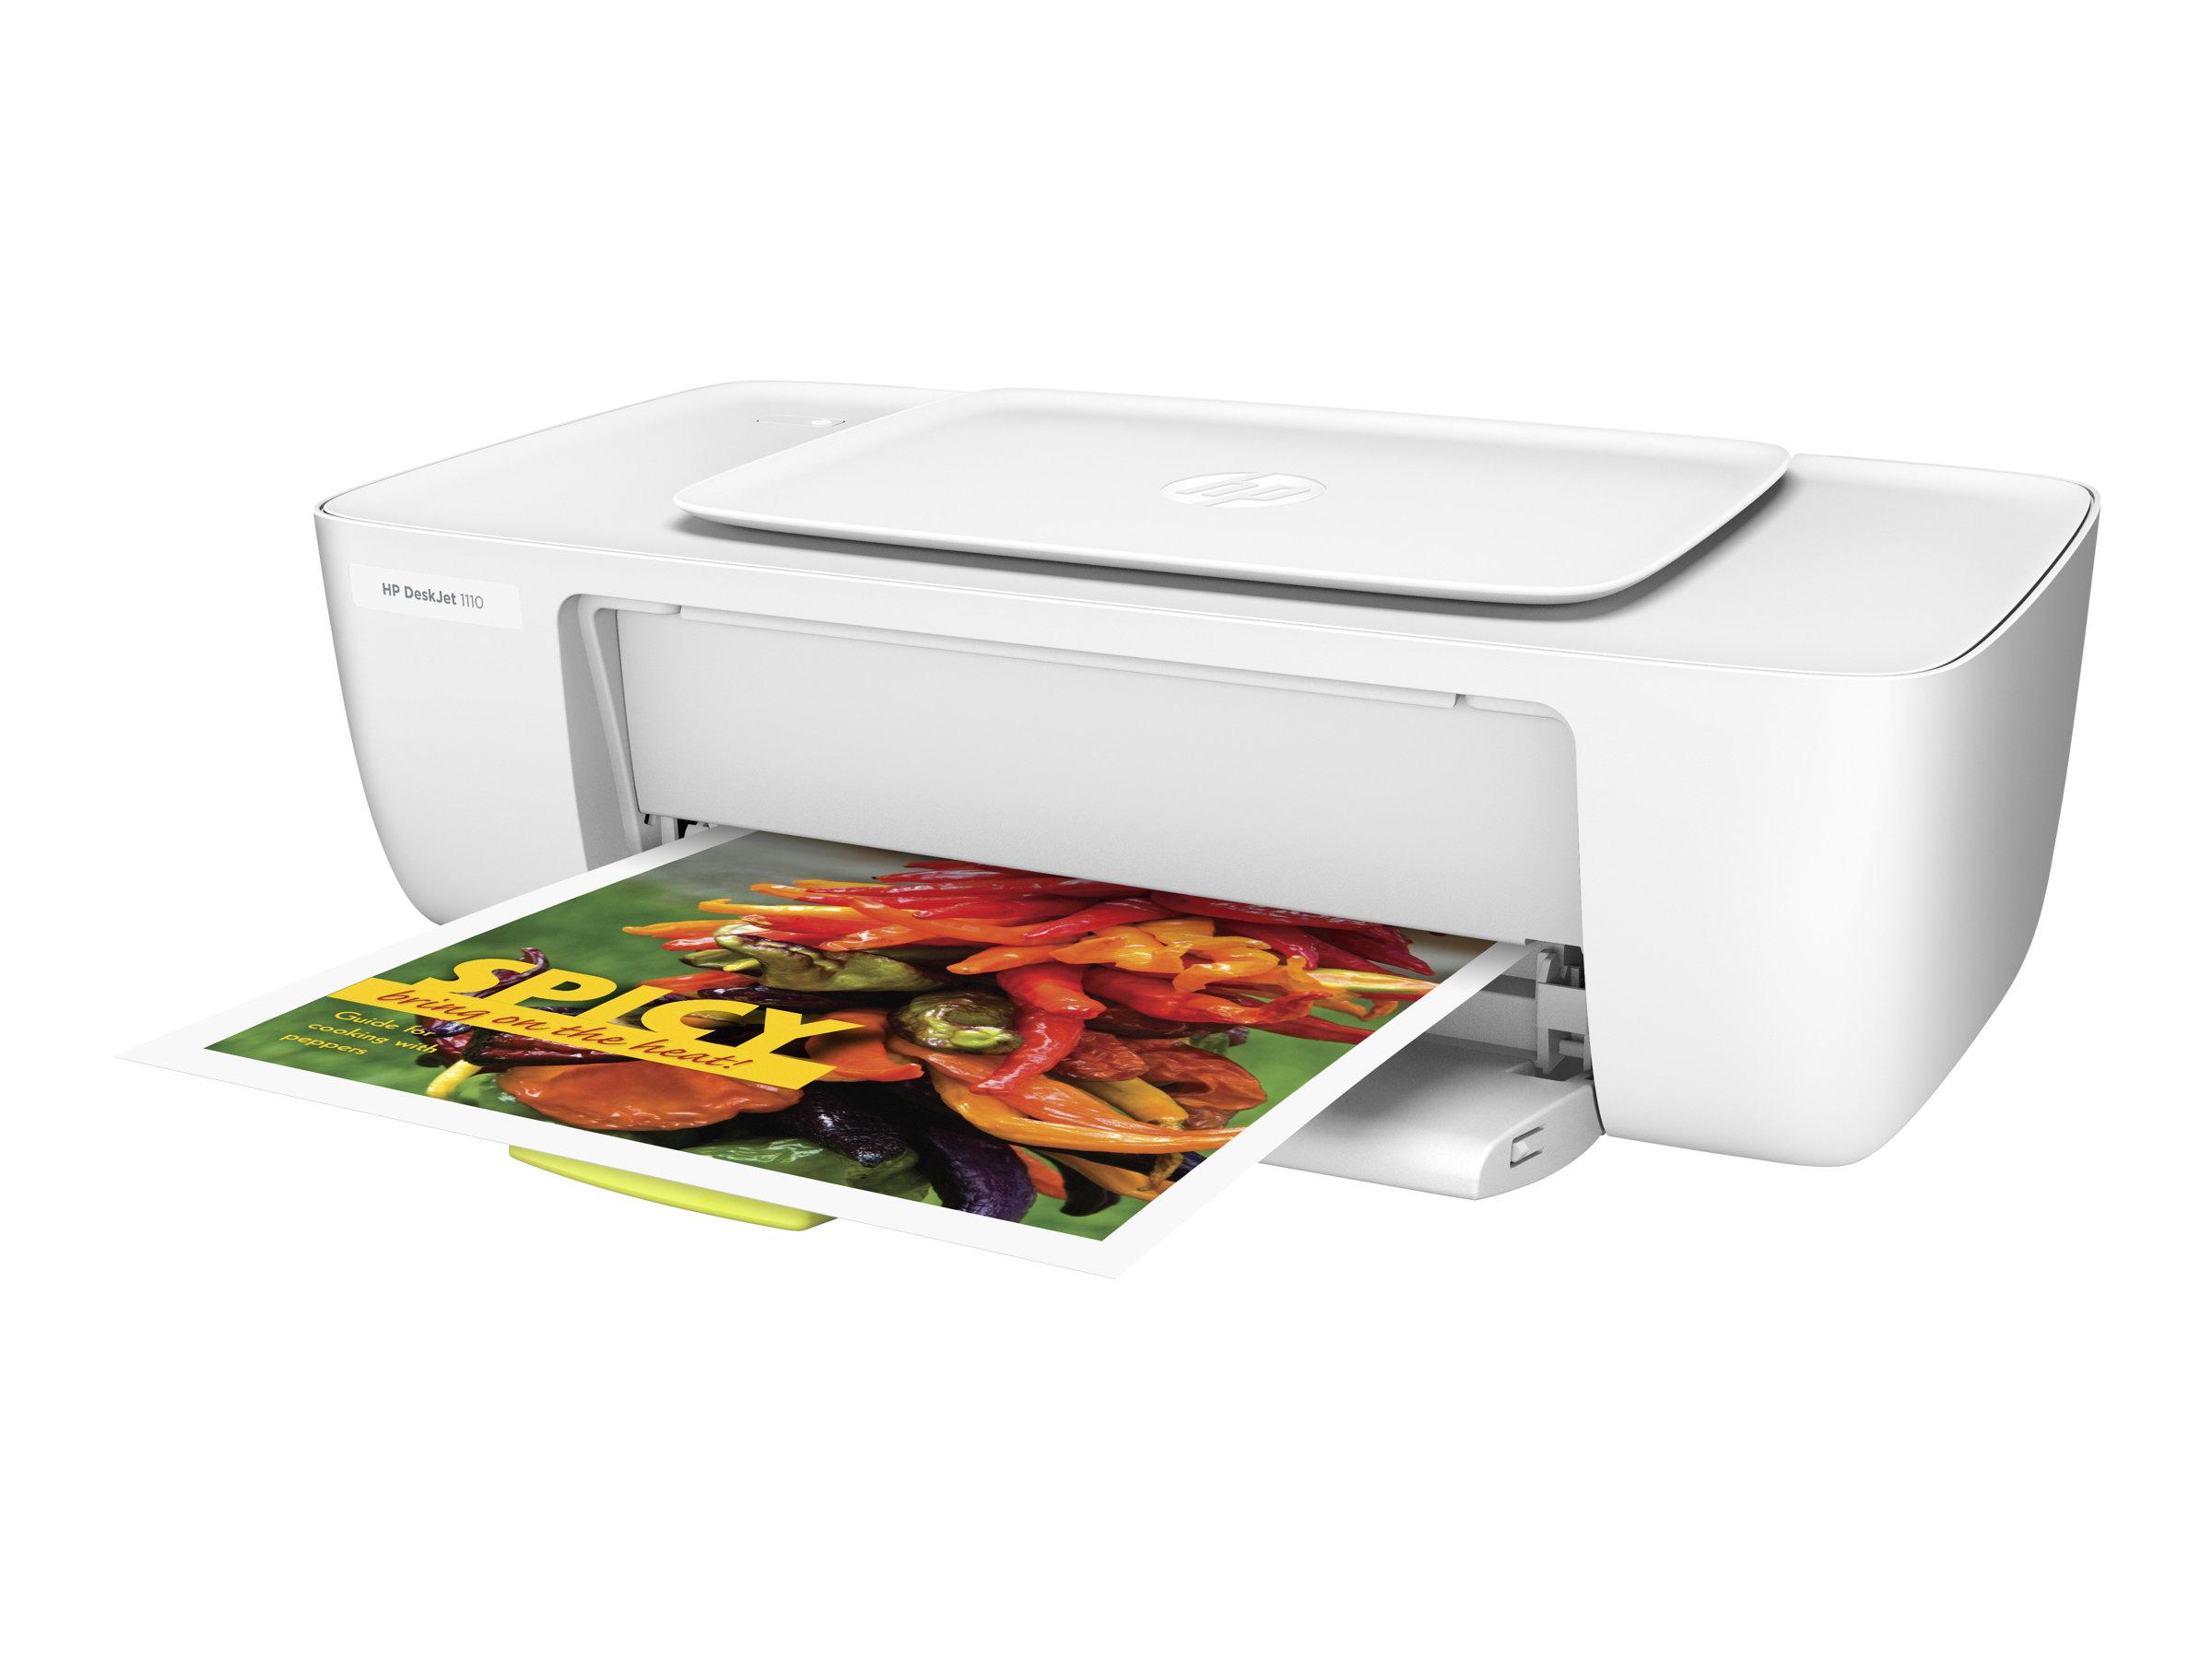 HP Deskjet 1110 - Drucker - Farbe - Tintenstrahl - A4 - 1200 x 1200 dpi - bis zu 7.5 Seiten/Min. (einfarbig)/